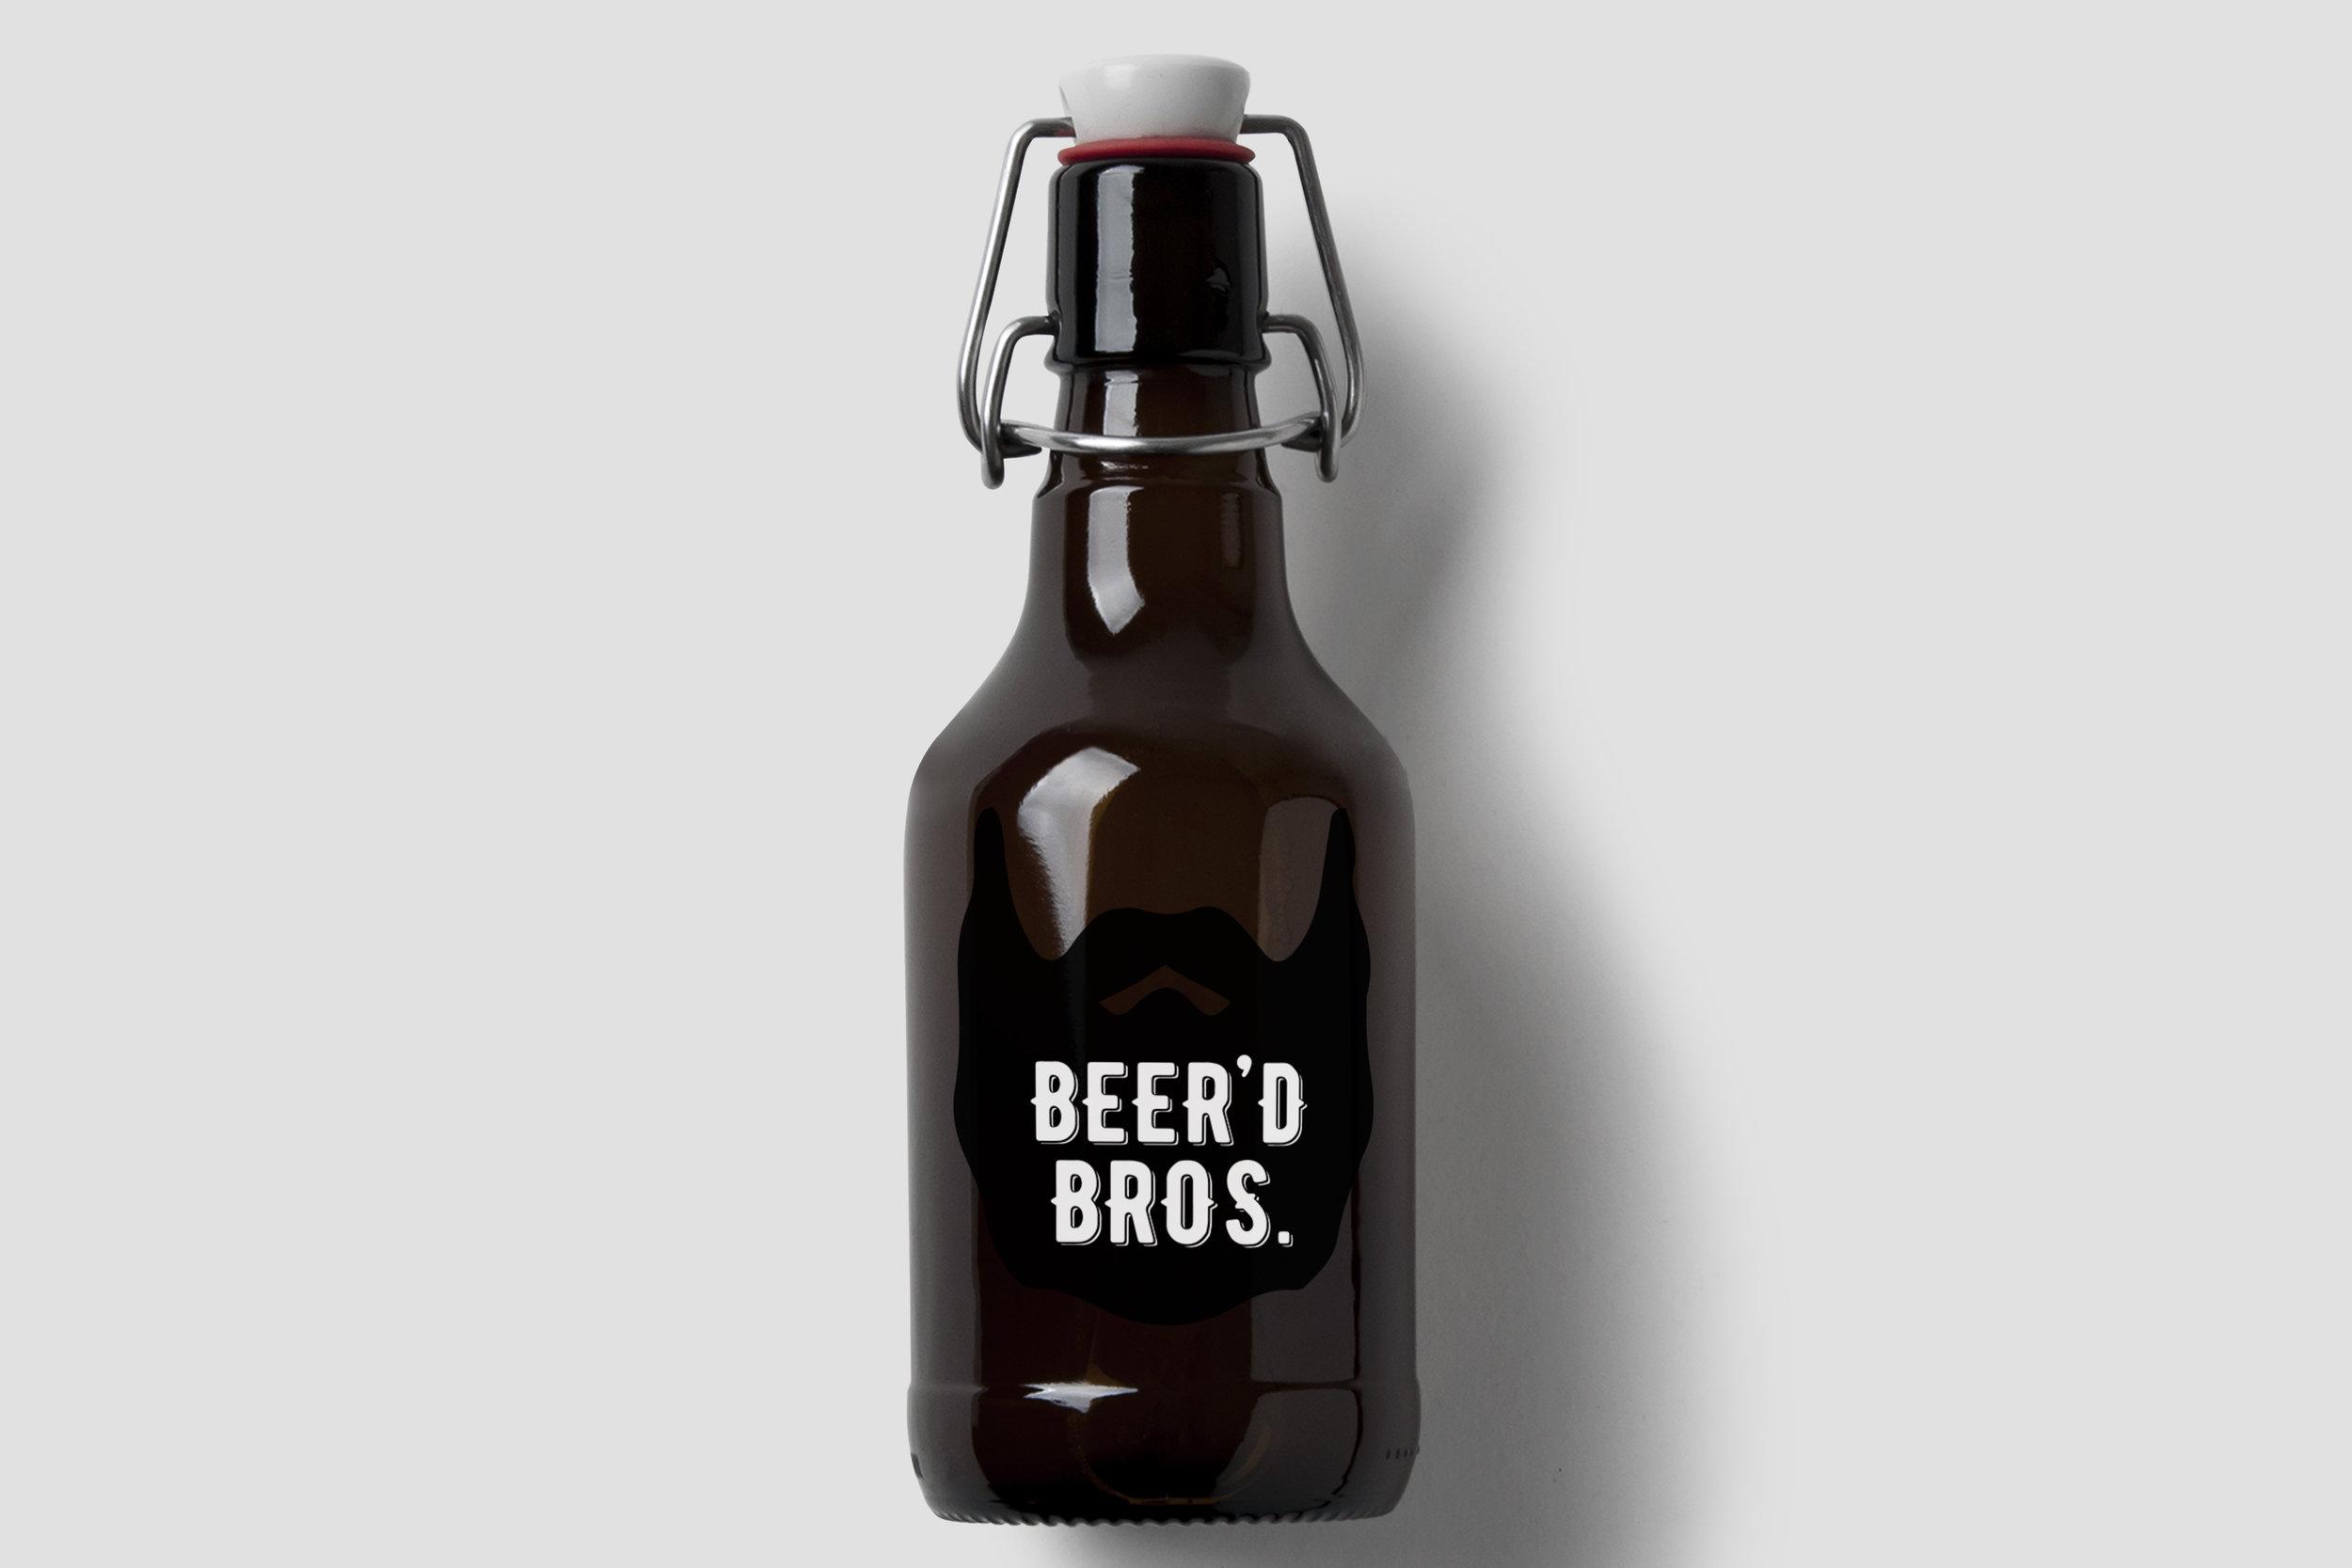 Beer'd Bros. Bottle